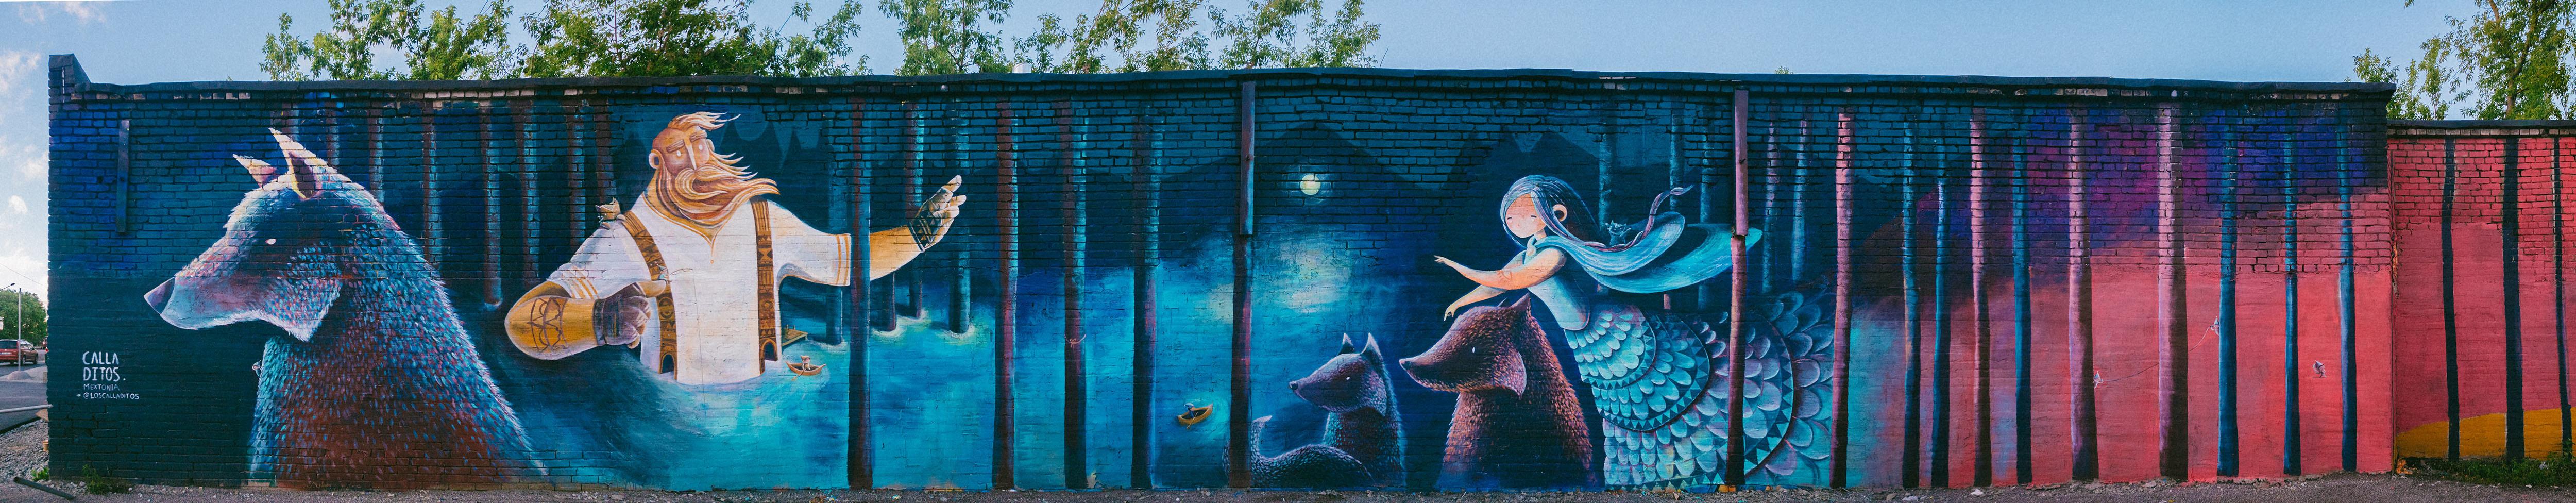 Artwork by Calladitos. Producer: Nueve Arte Urbano